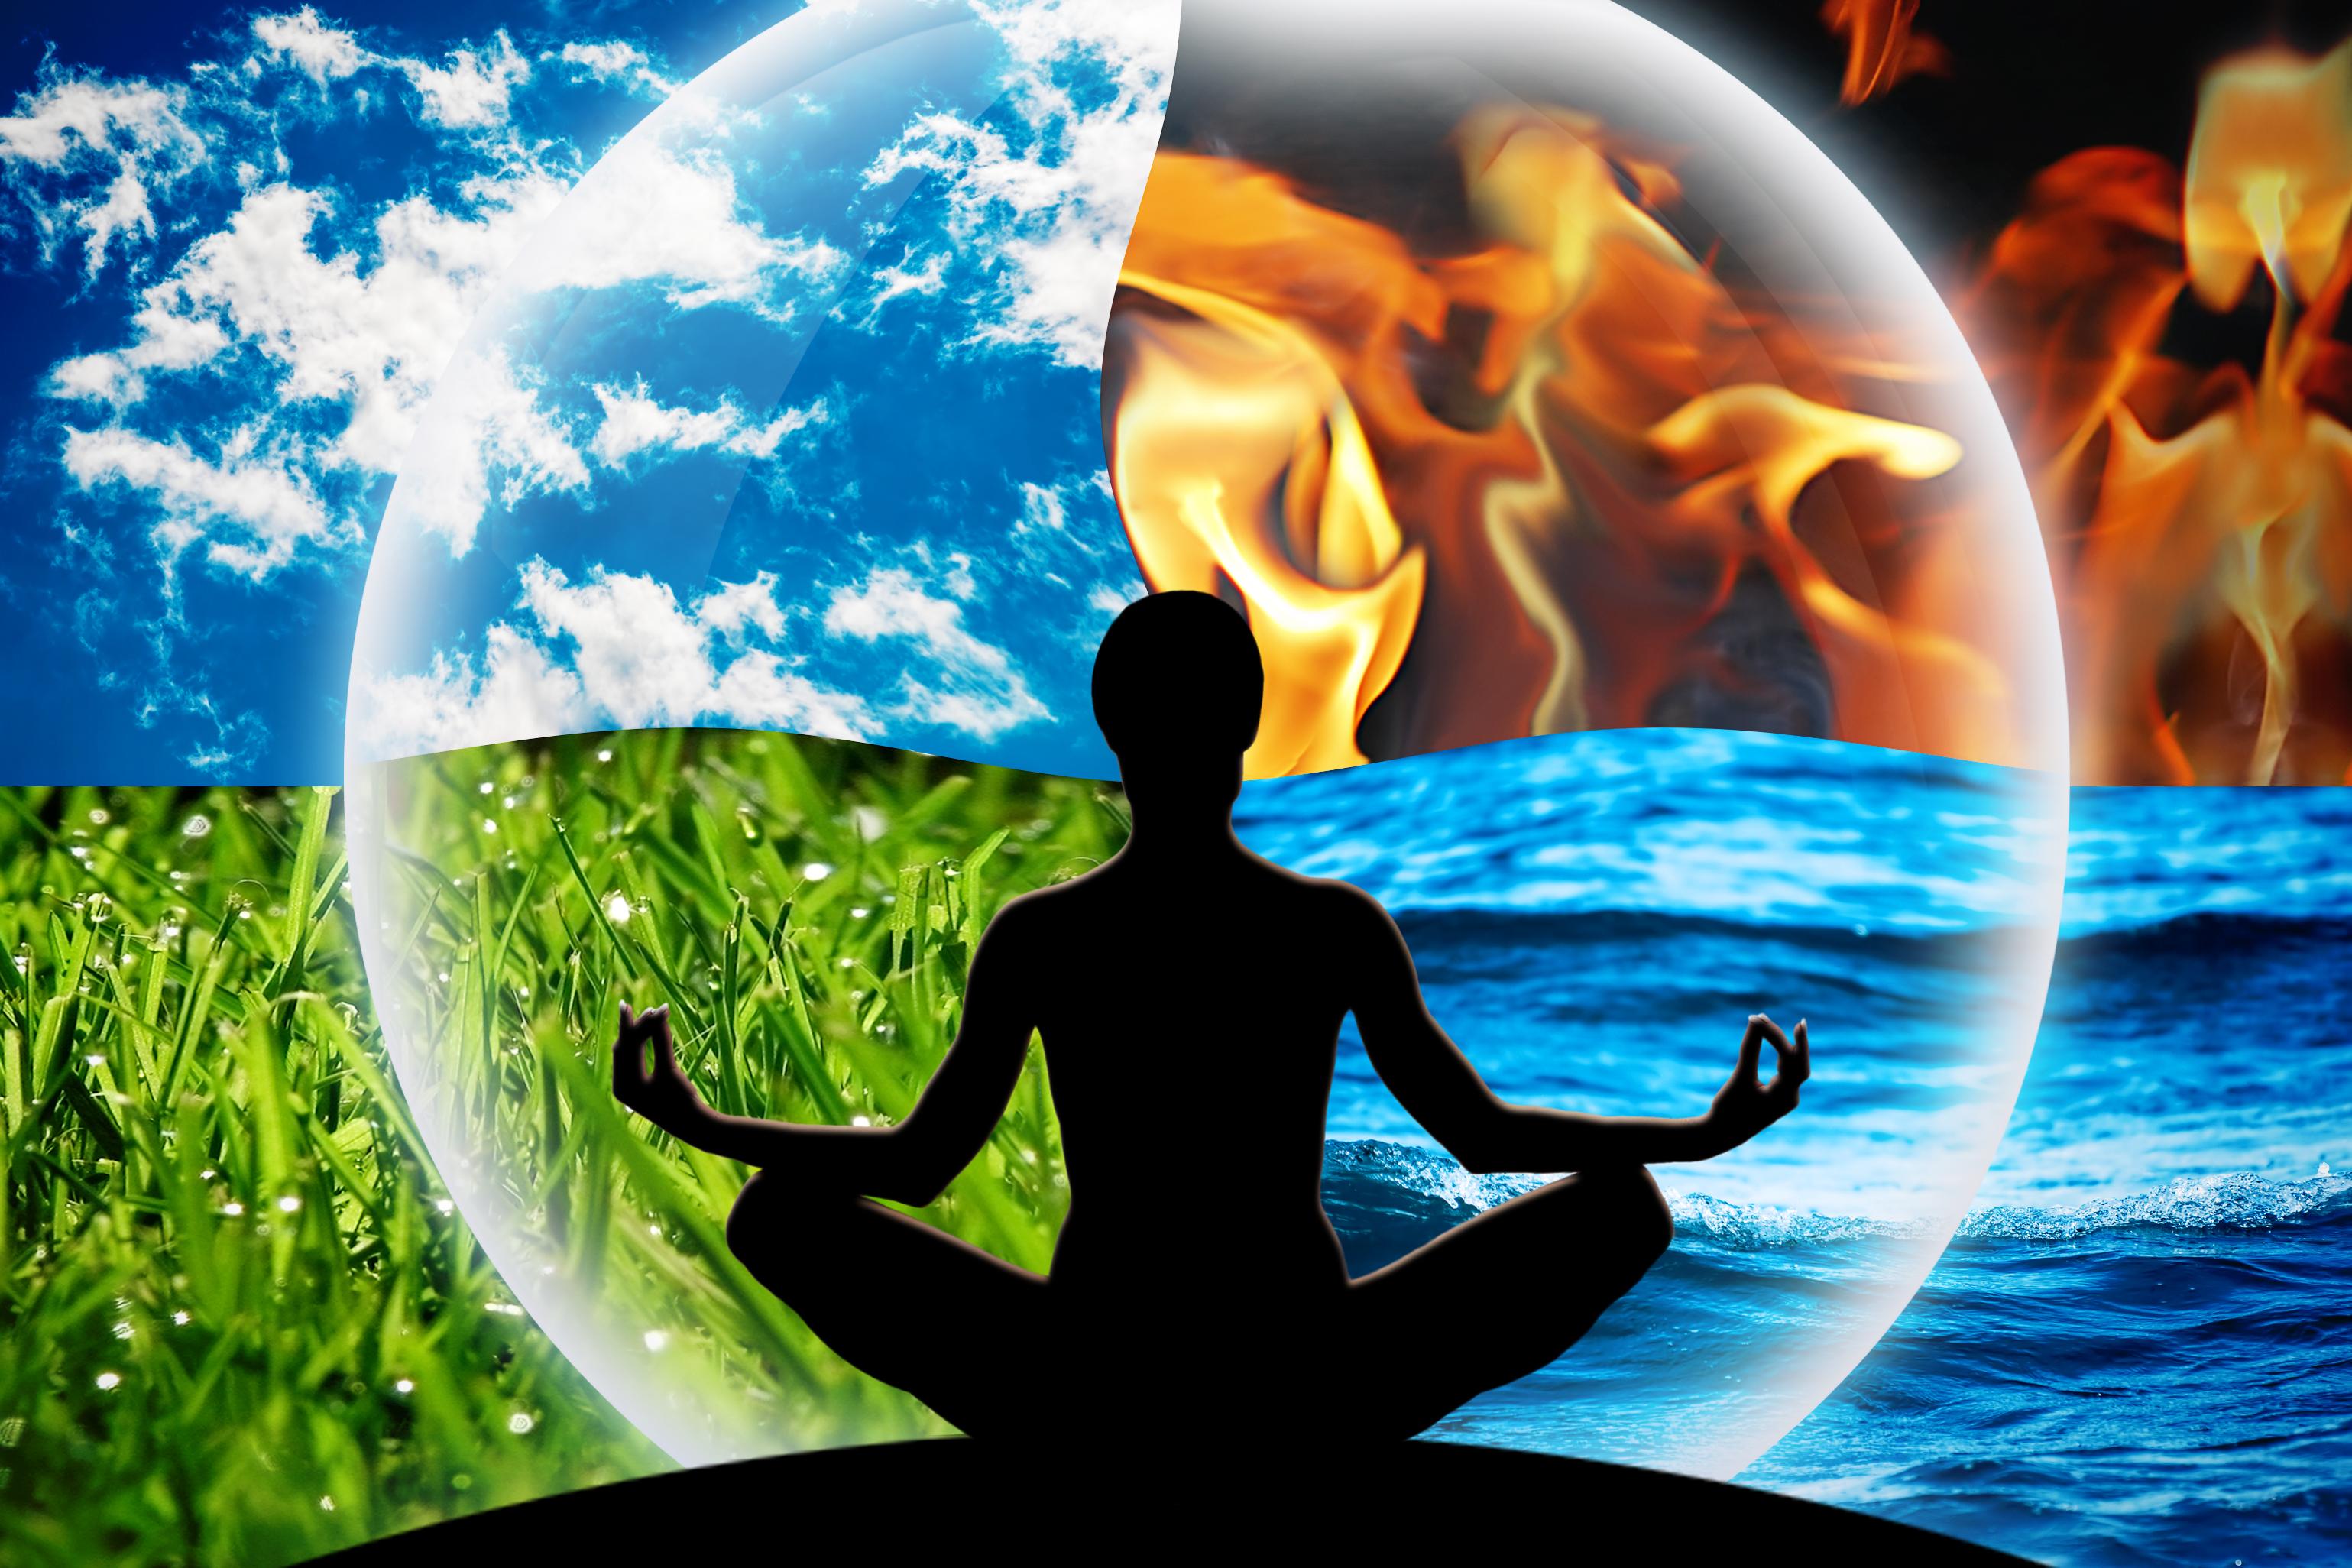 Enlightenment Your Way